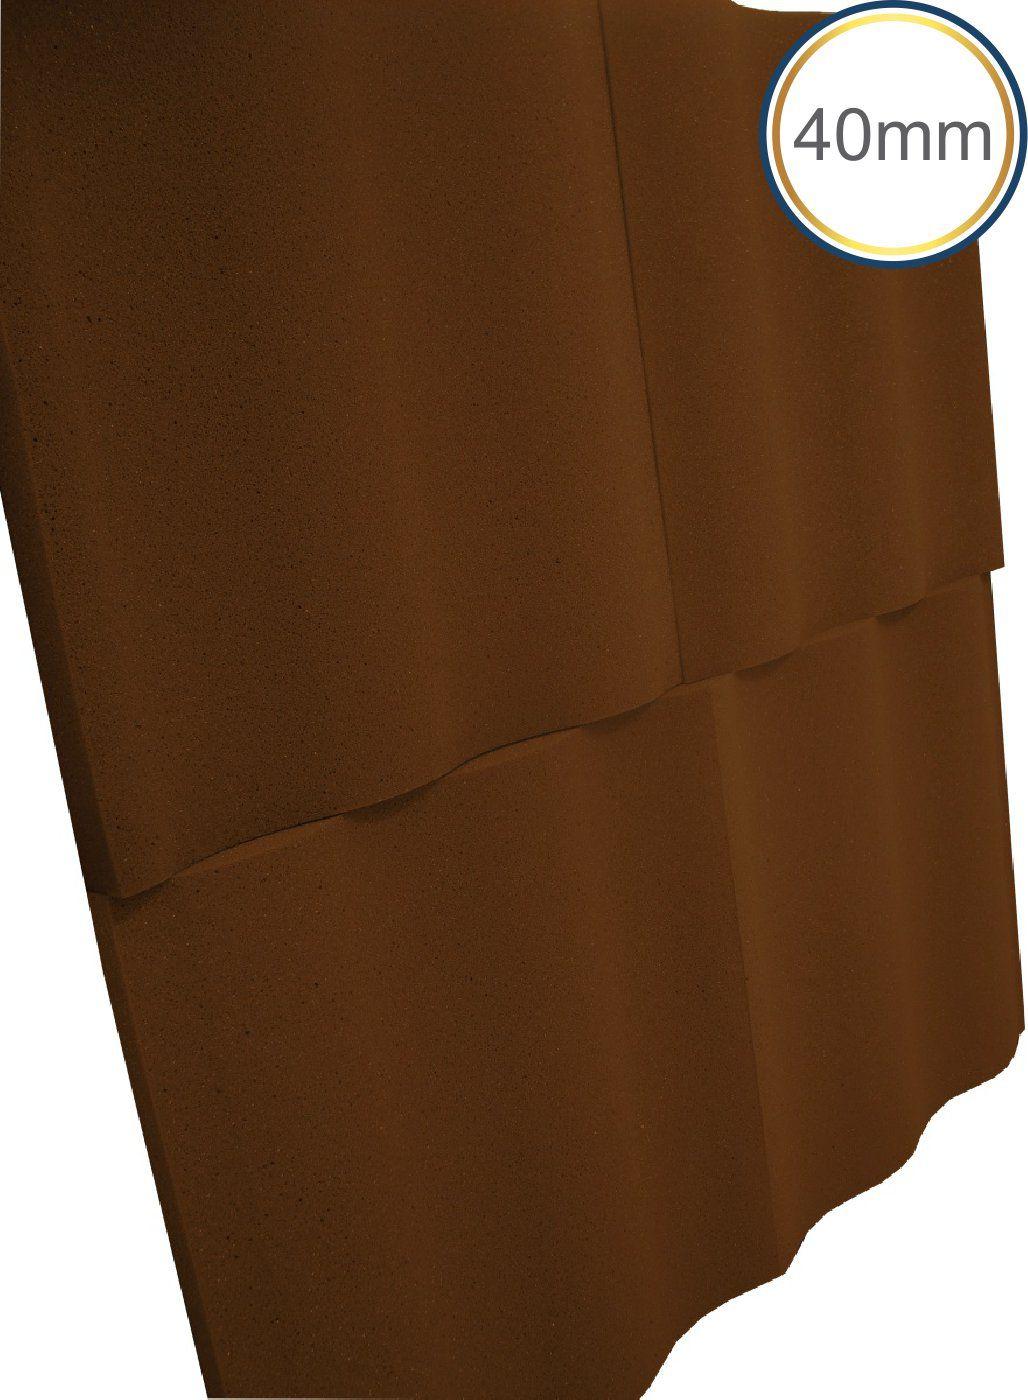 Linha REV - SS - Colorida Pigmentada - Kit 4 peças (1m²)  - Loja SPL Acústica